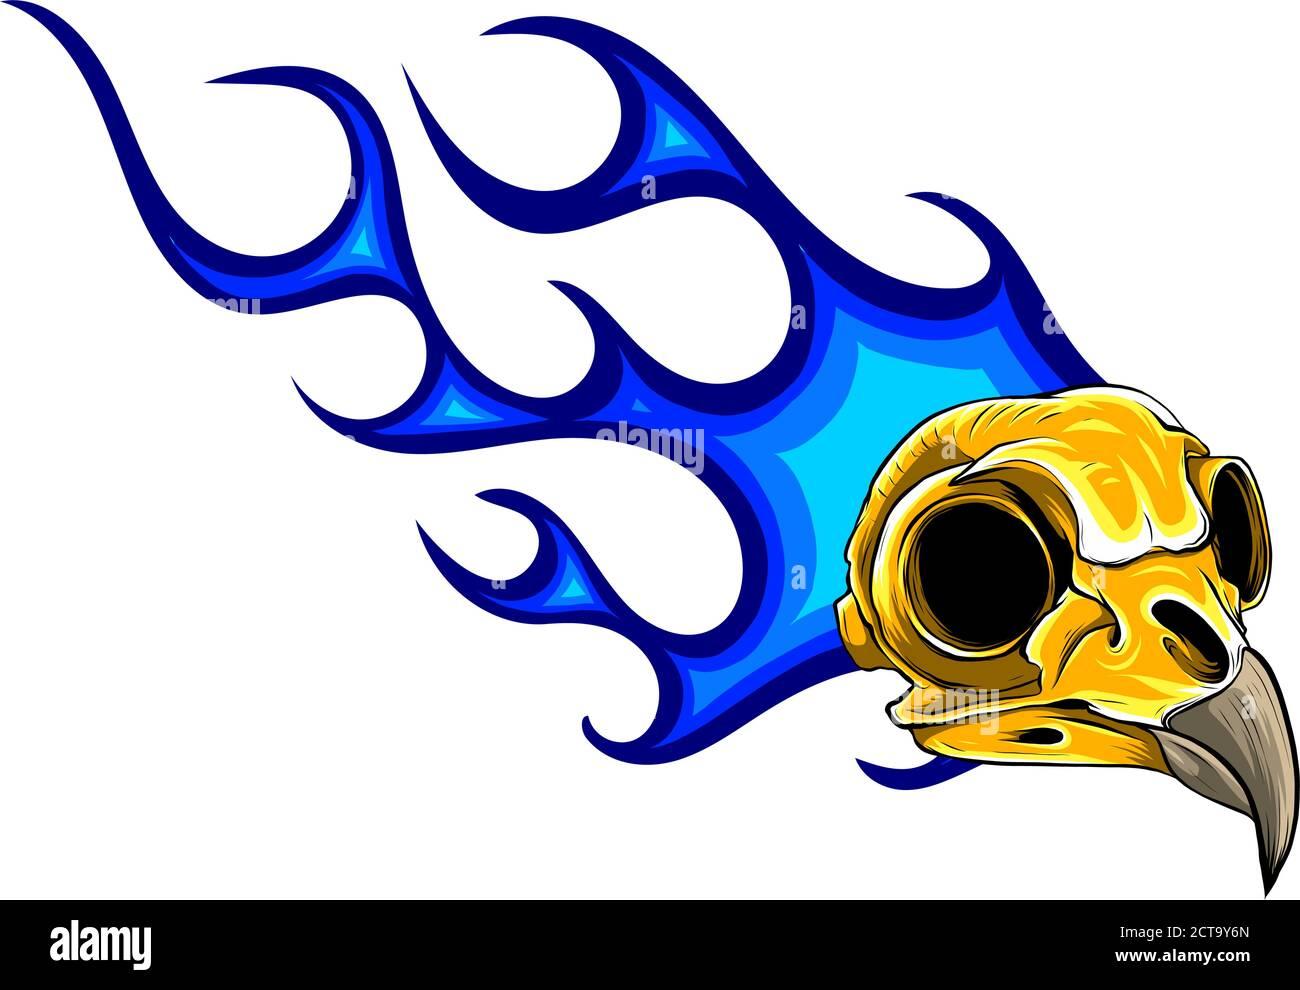 39 Clip Art Of A Voodoo Skull Tattoo Illustrations, Royalty-Free Vector  Graphics & Clip Art - iStock